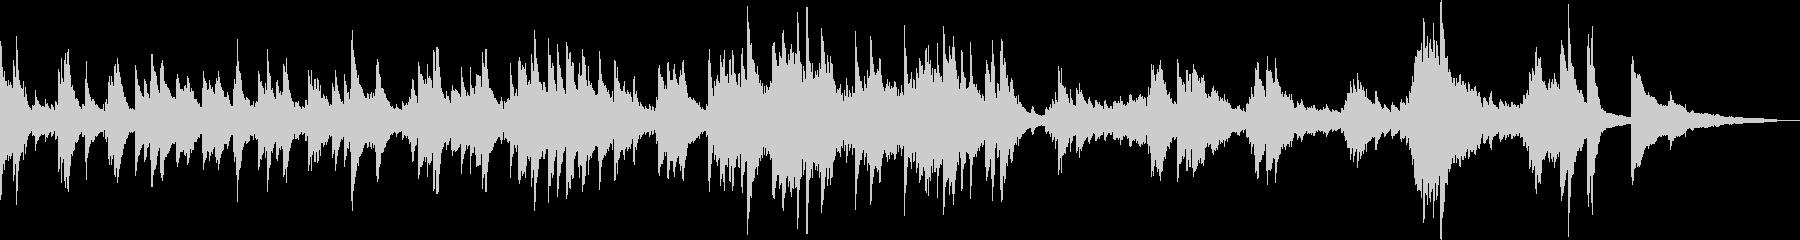 悲劇的なピアノバラード(悲しい・BGM)の未再生の波形